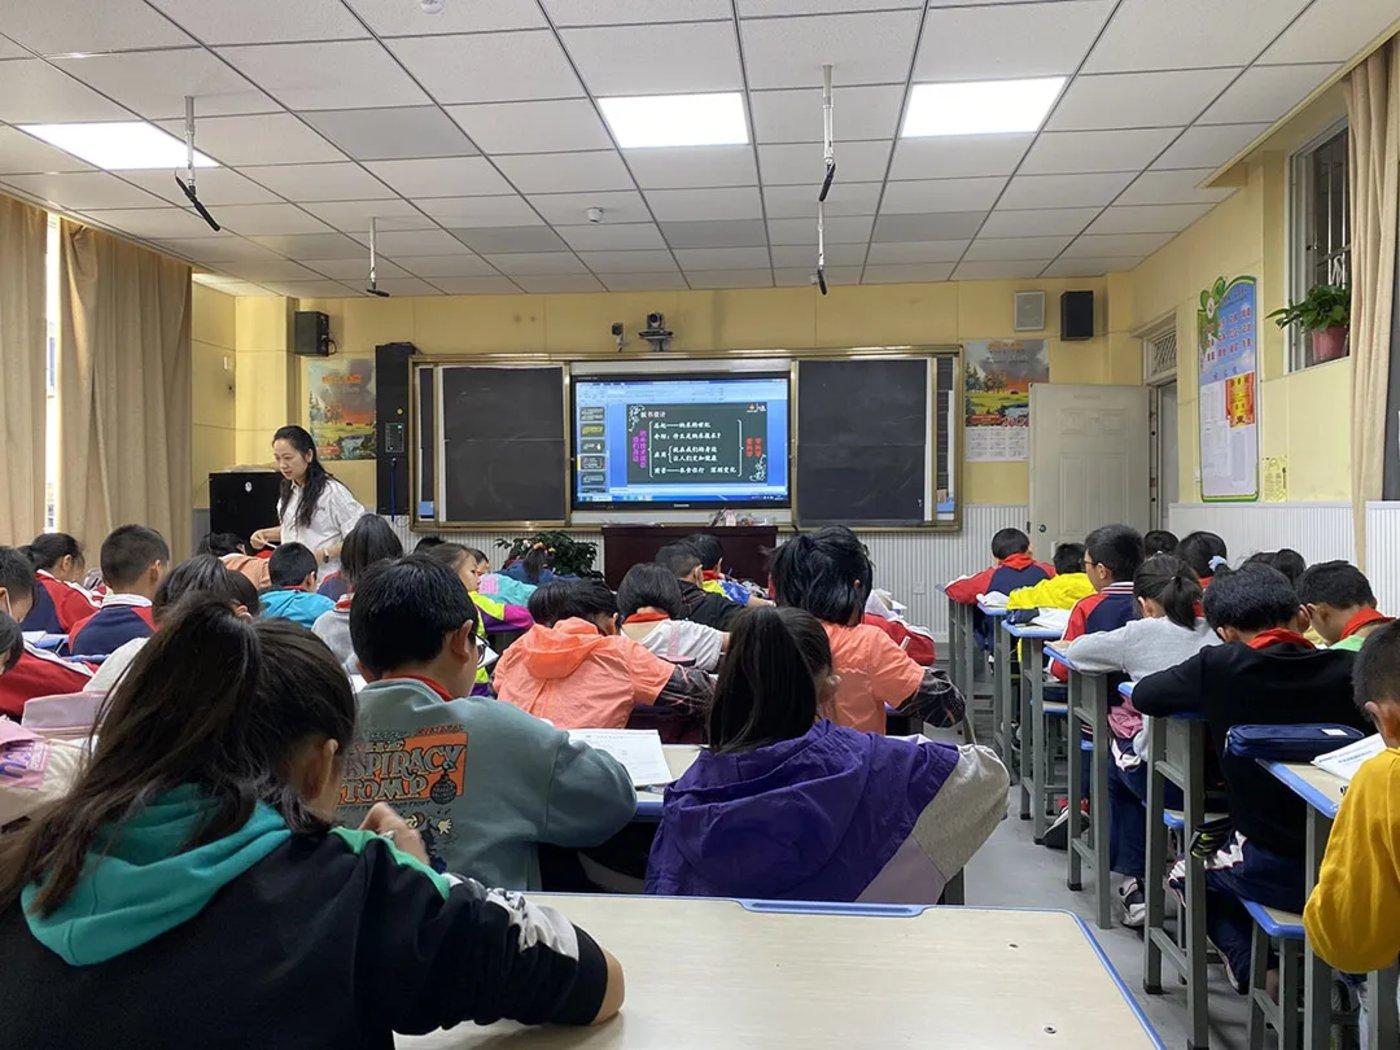 德昌第一完全小学教室里,老师正在用电子黑板上课